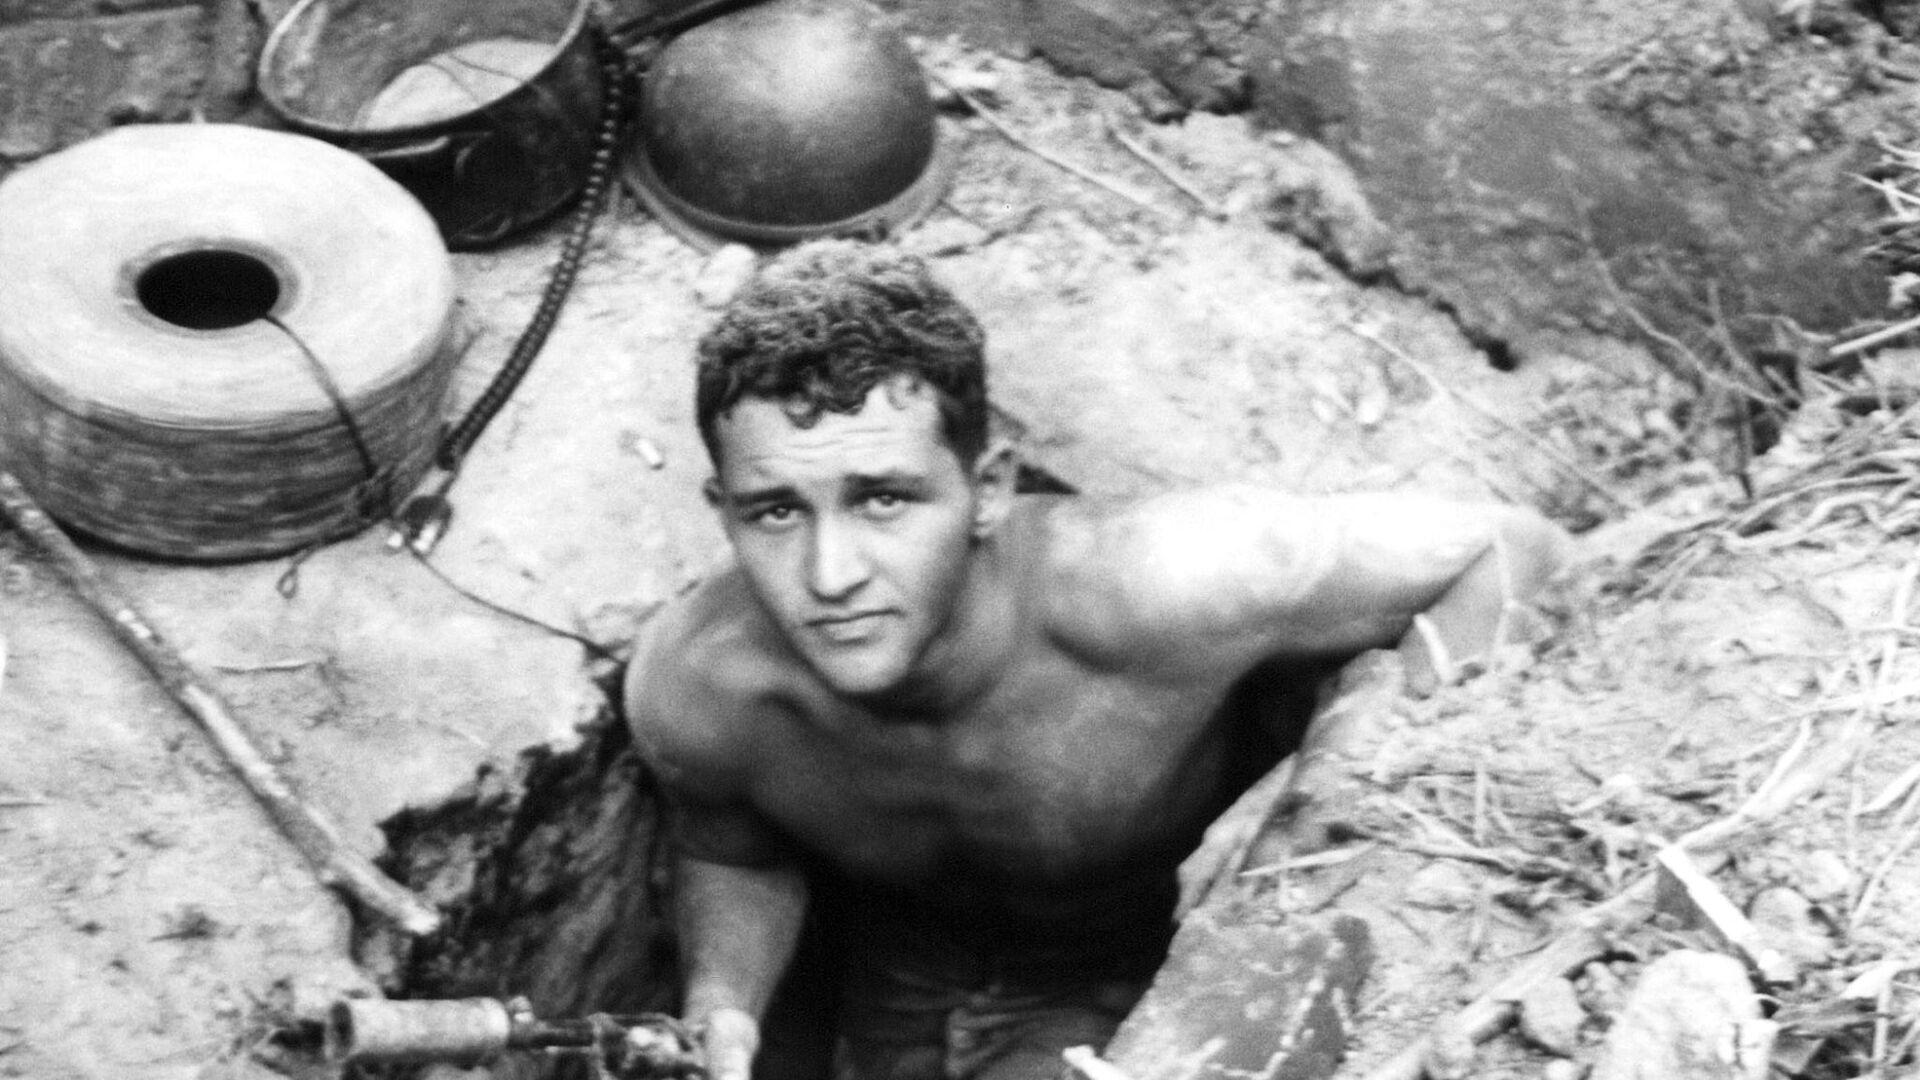 Сержант Вооруженных сил США выходит из туннеля Вьетконга. Январь 1967 года - РИА Новости, 1920, 05.12.2020